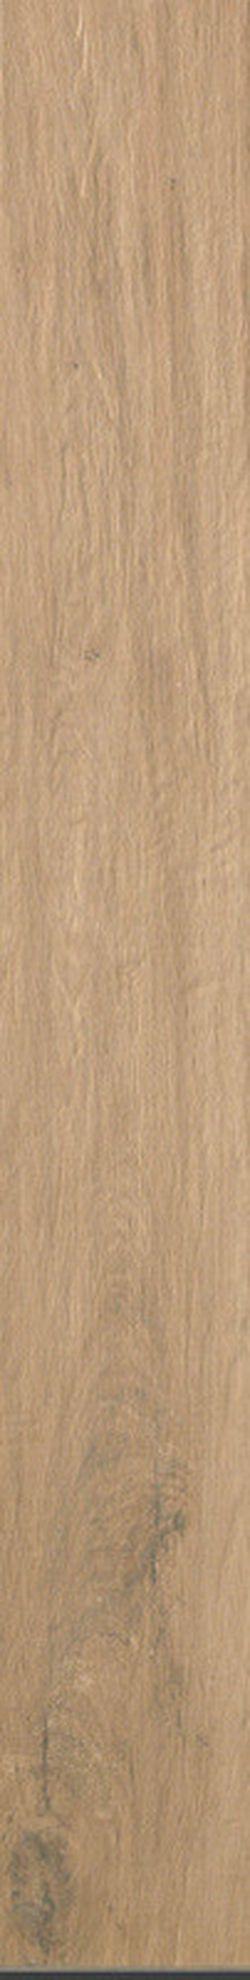 TAVOLATO Marrone Chiaro 20x120 cm